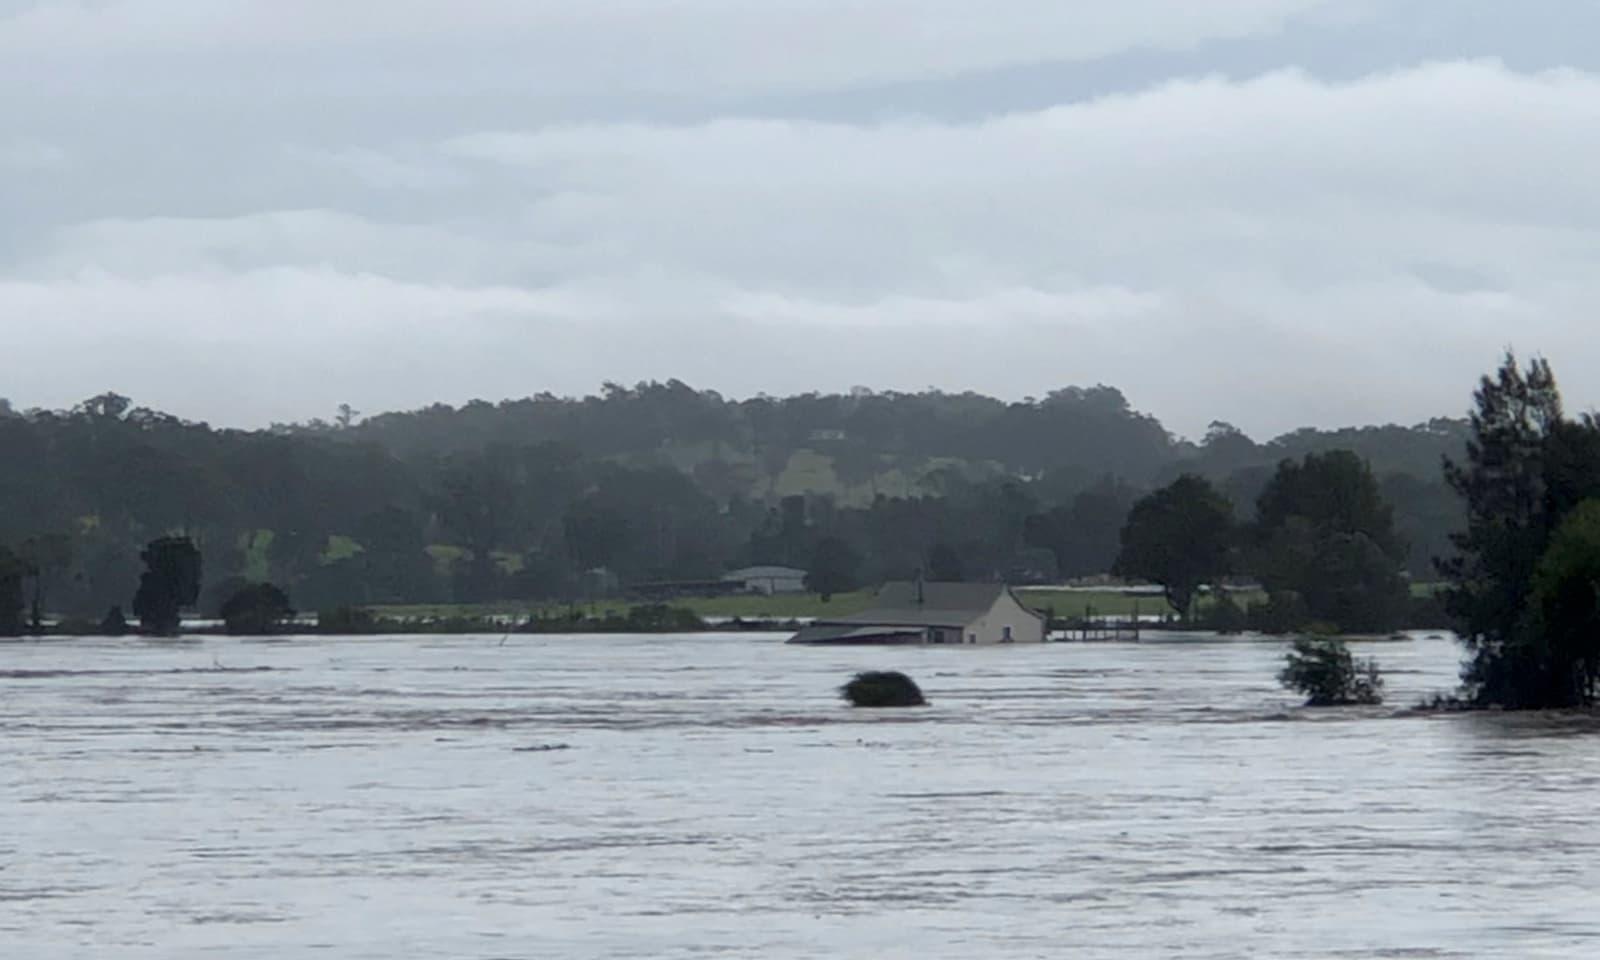 سیلاب کے بعد نیو ساؤتھ ویلز کے دریائے میننگ میں ایک گھر تیر رہا ہے — فوٹو: رائٹرز